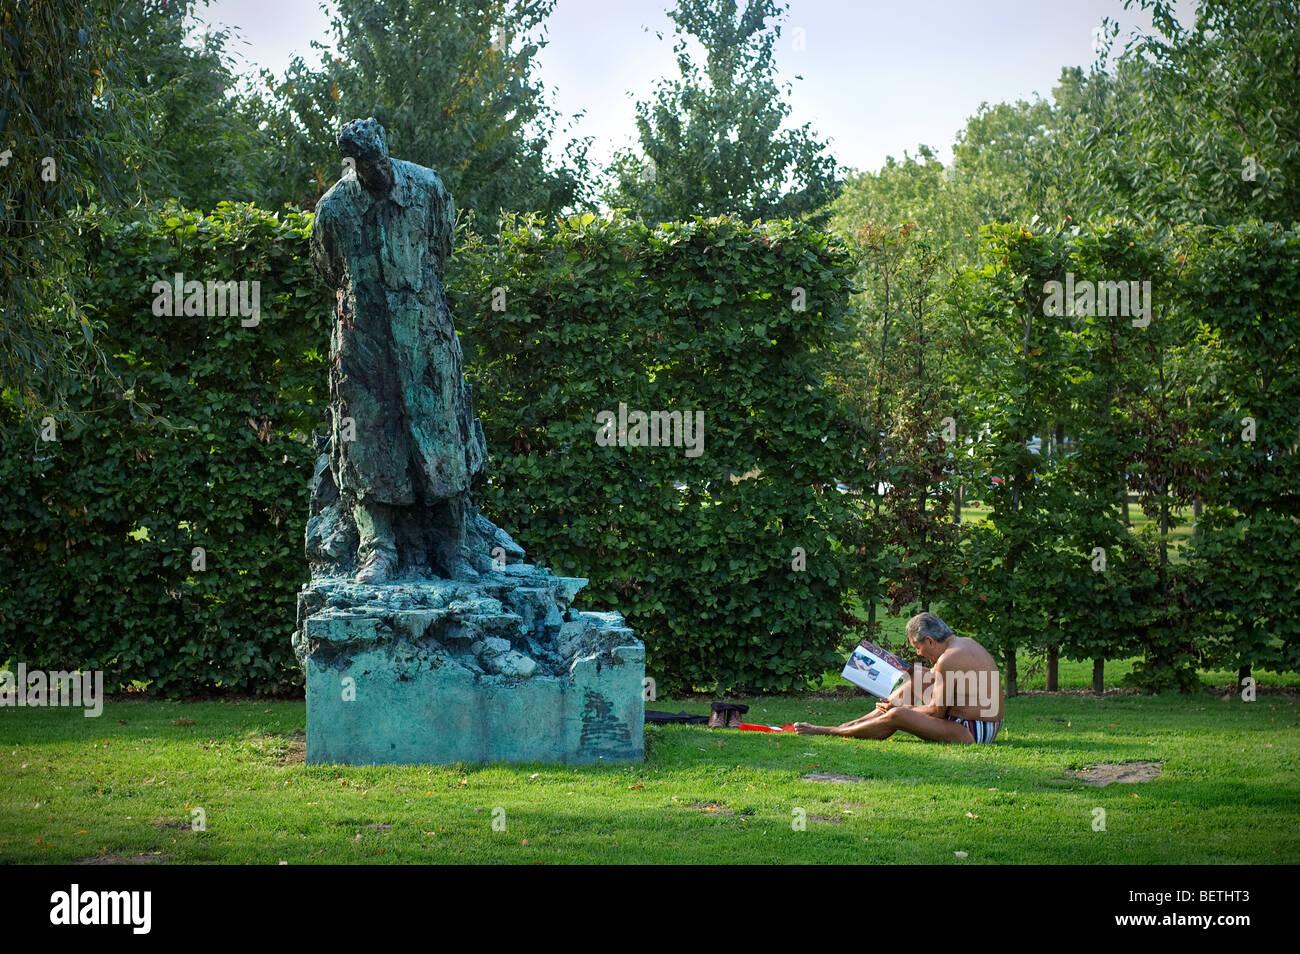 Sculpture en bronze de Belgique   39 s King Baudouin et l homme au soleil  dans le parc, Anvers, Belgique e45c38de9e36